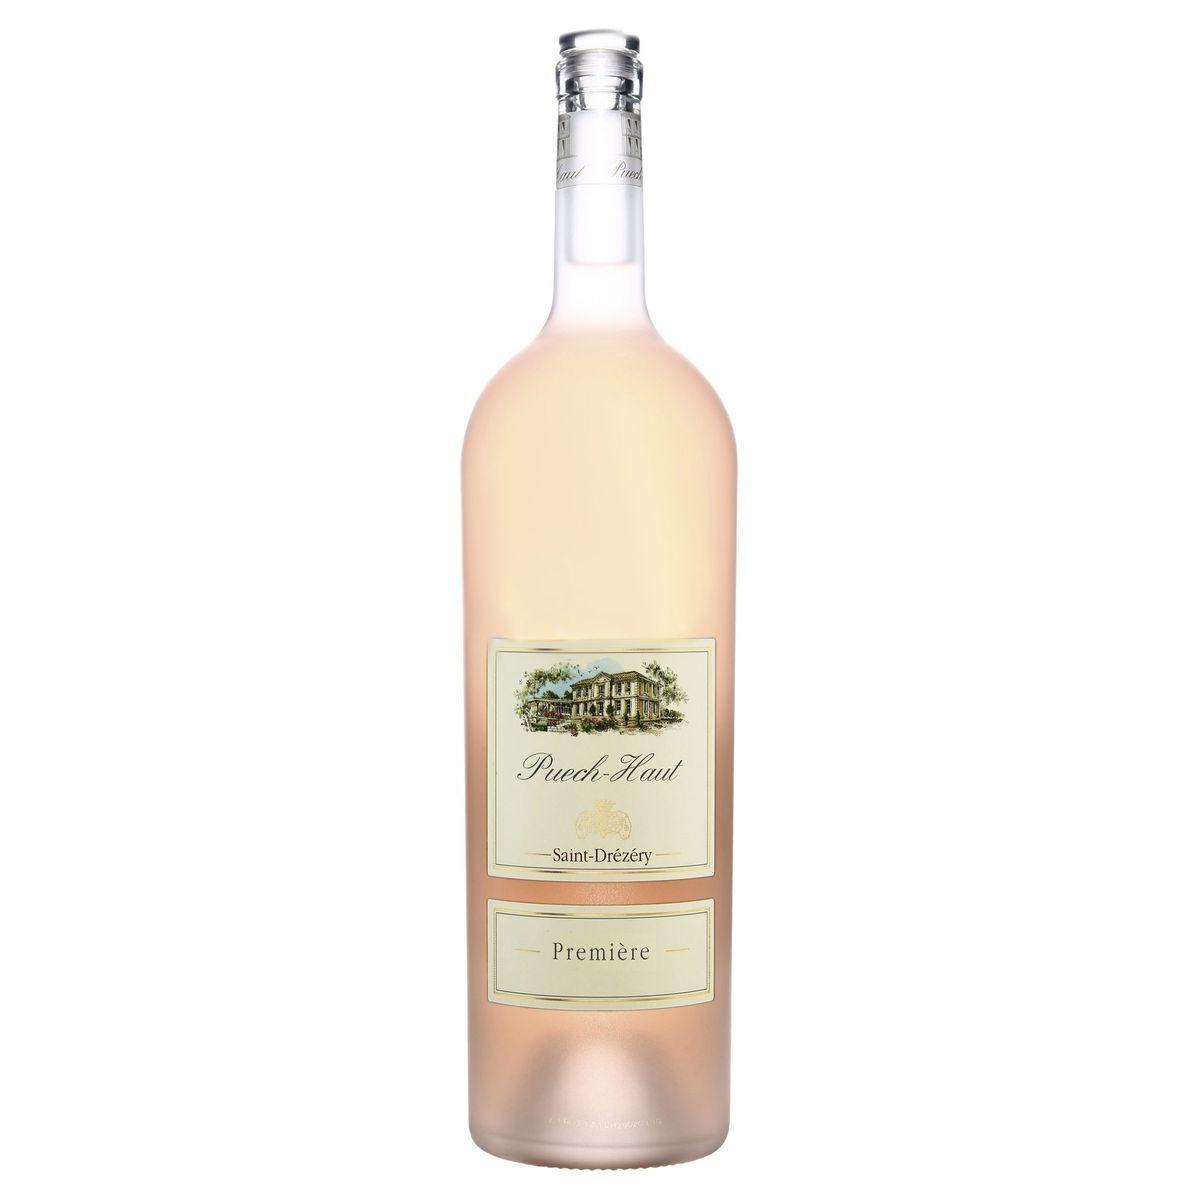 IGP Pays d'Oc Puech Haut 150cl Première rosé 2020